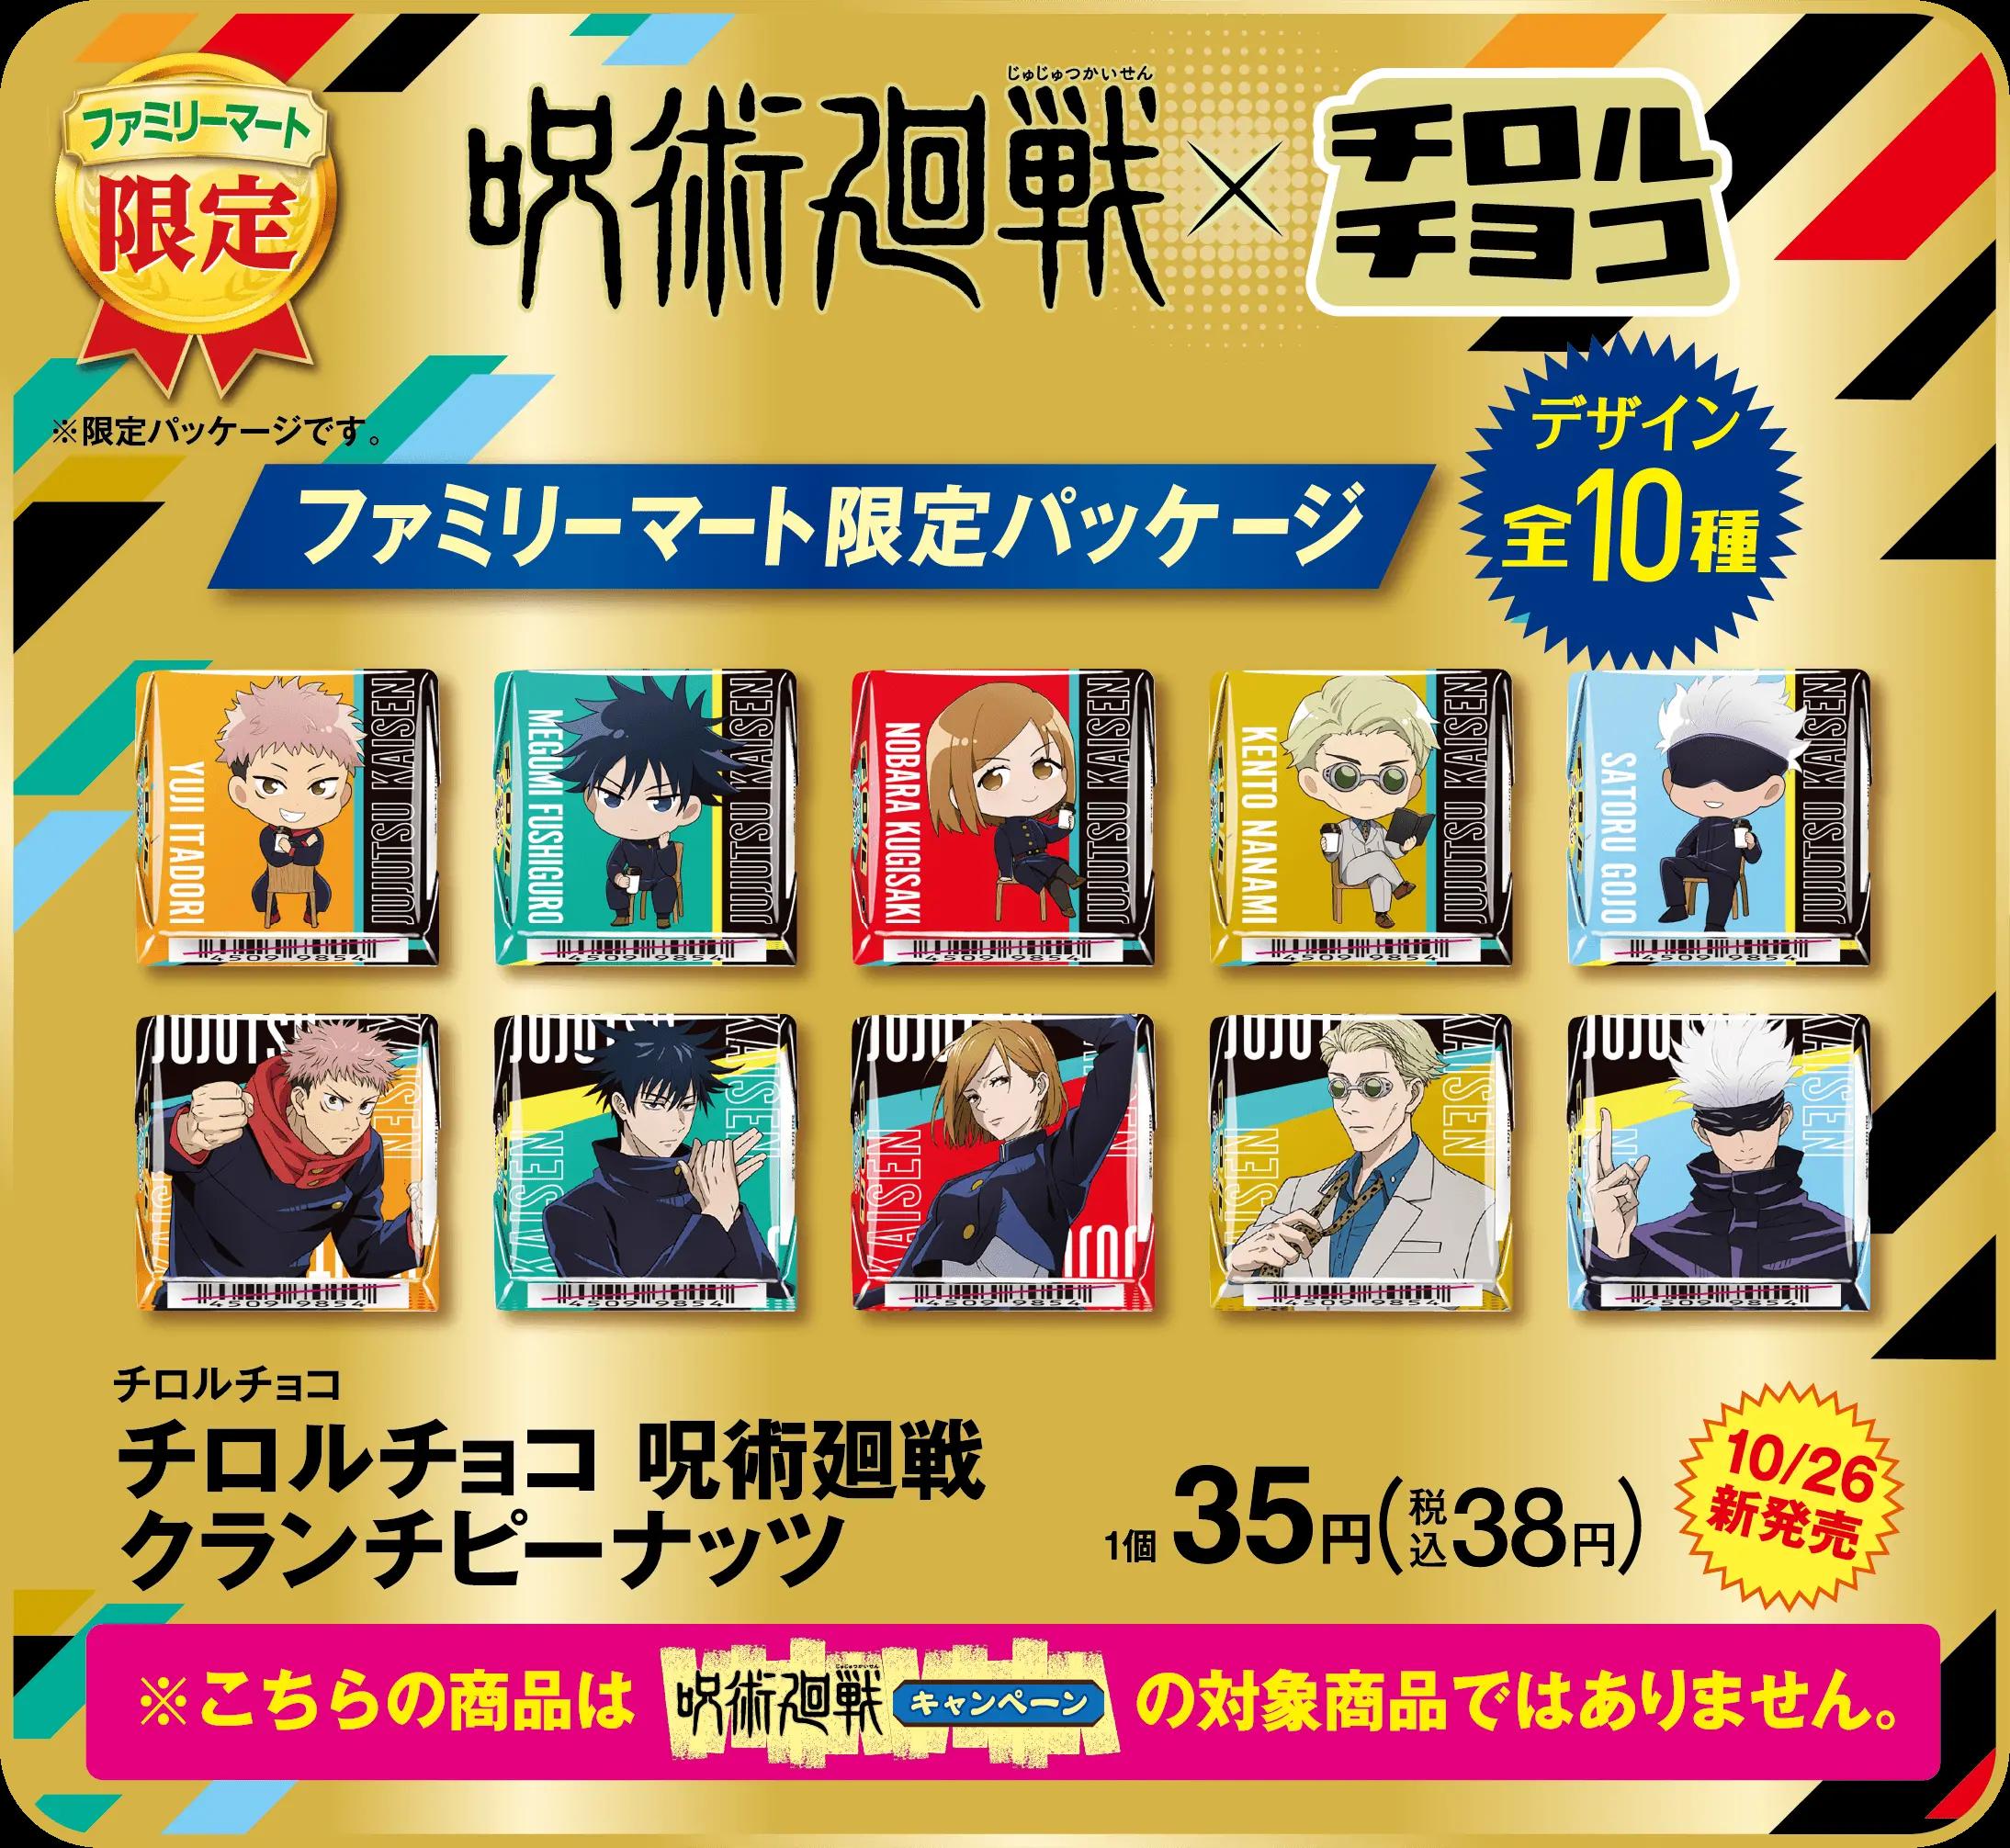 TVアニメ「呪術廻戦」×「ファミリーマート」チロルチョコ